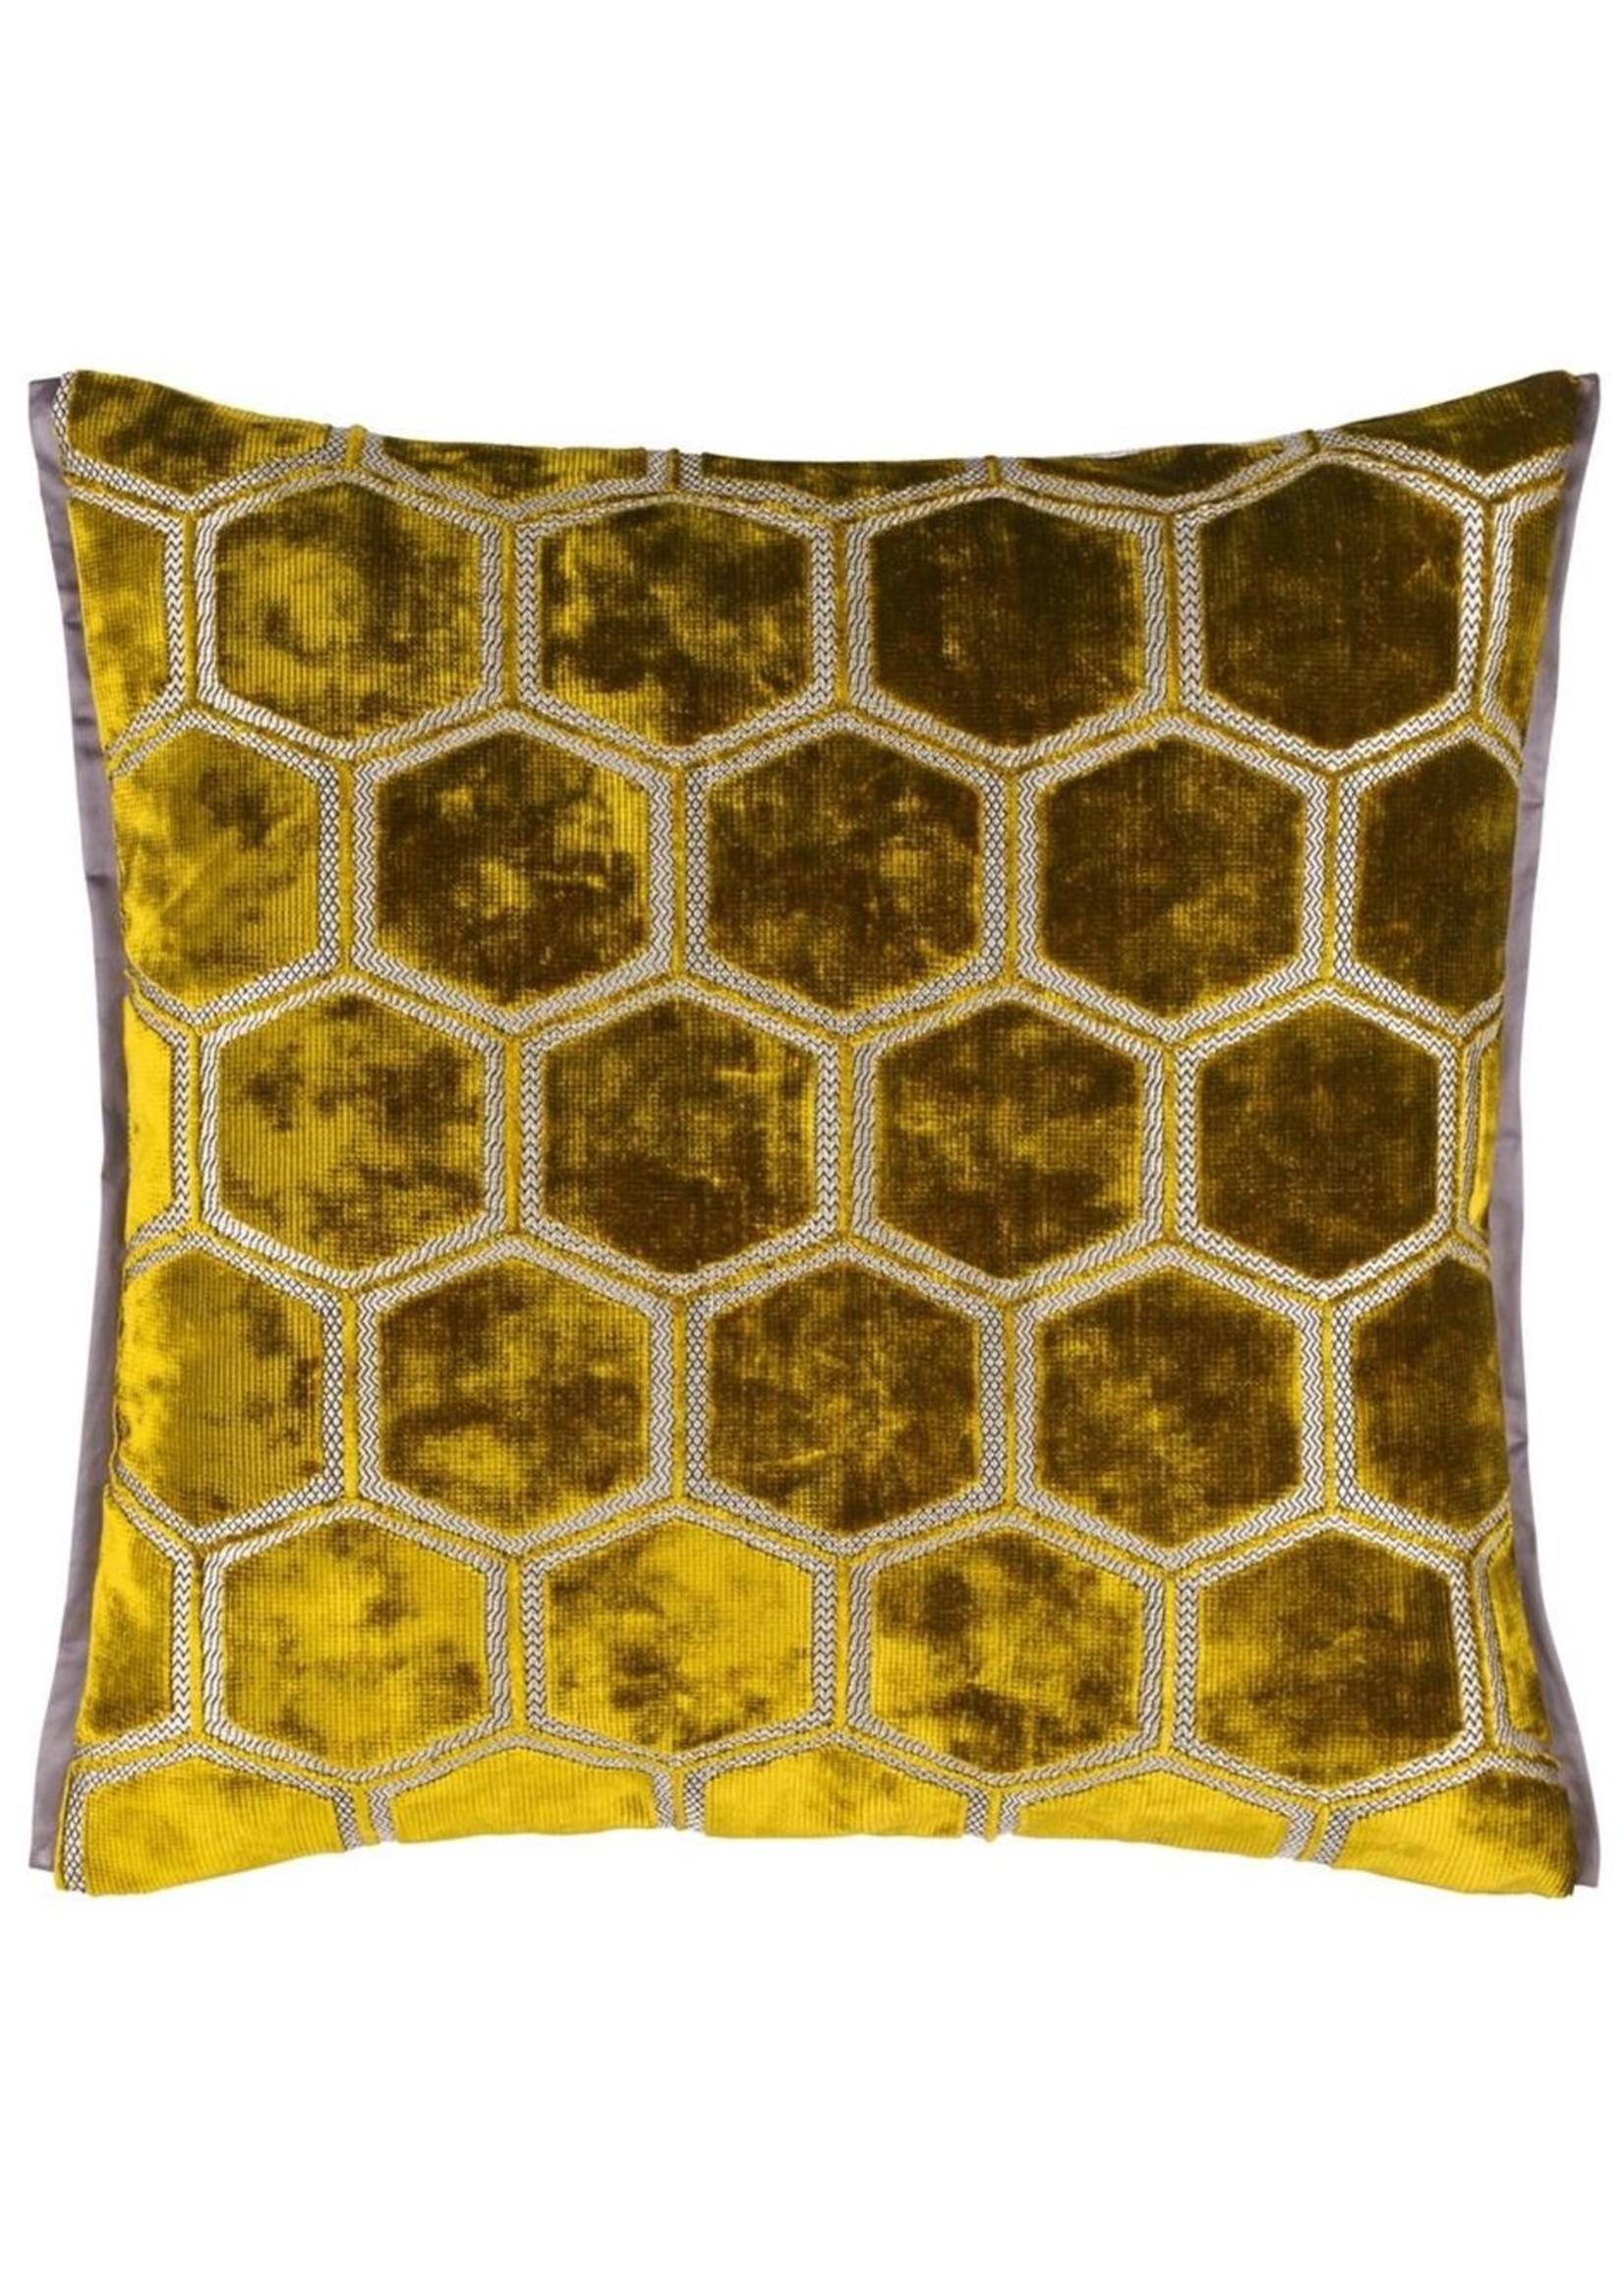 Designers Guild Manipur Ochre Pillow